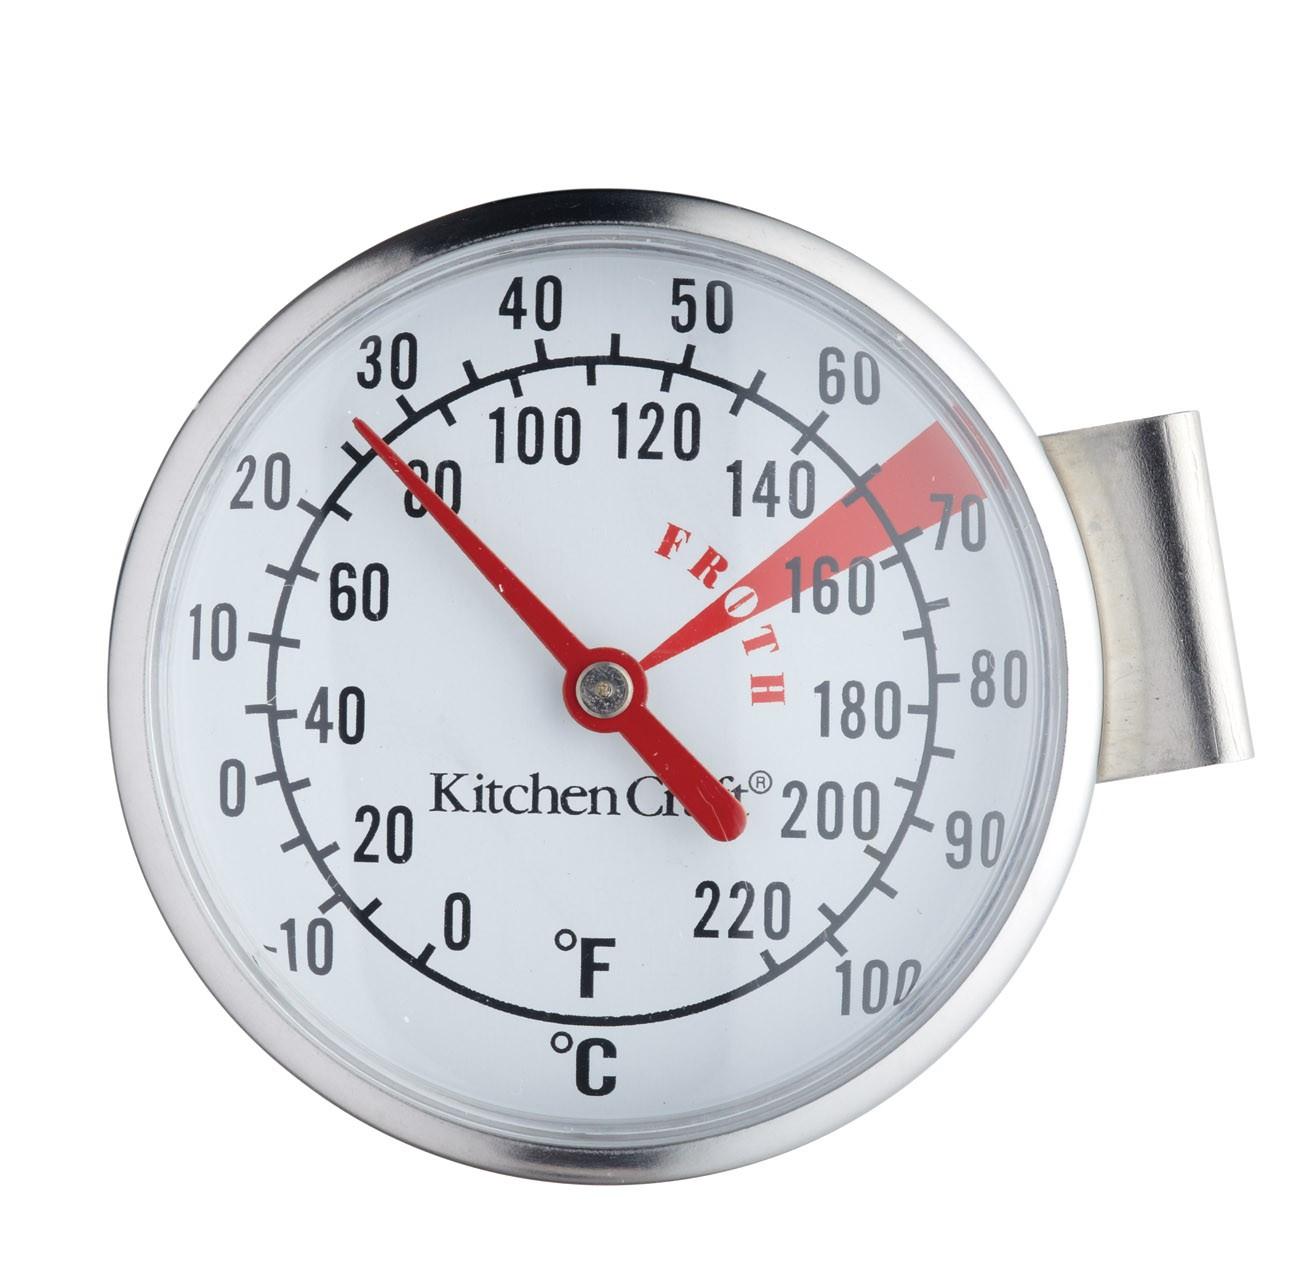 θερμόμετρο γάλακτος inox kitchencraft home   εργαλεια κουζινας   θερμόμετρα   χρονόμετρα